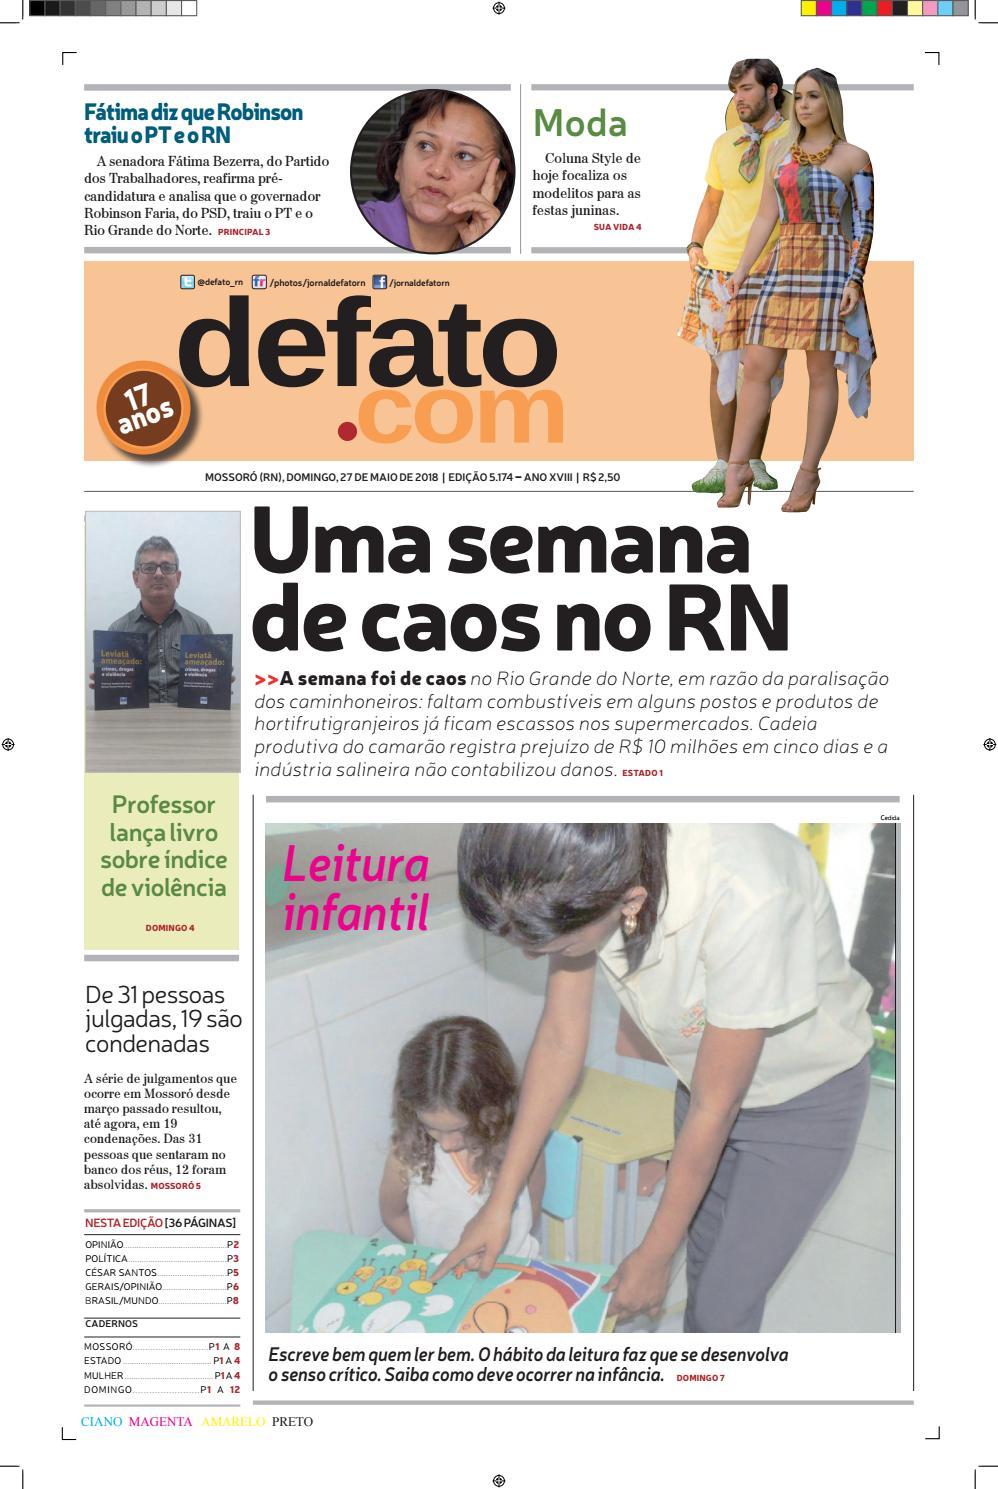 Jornal de Fato by Jornal de Fato - issuu 2802a482b2